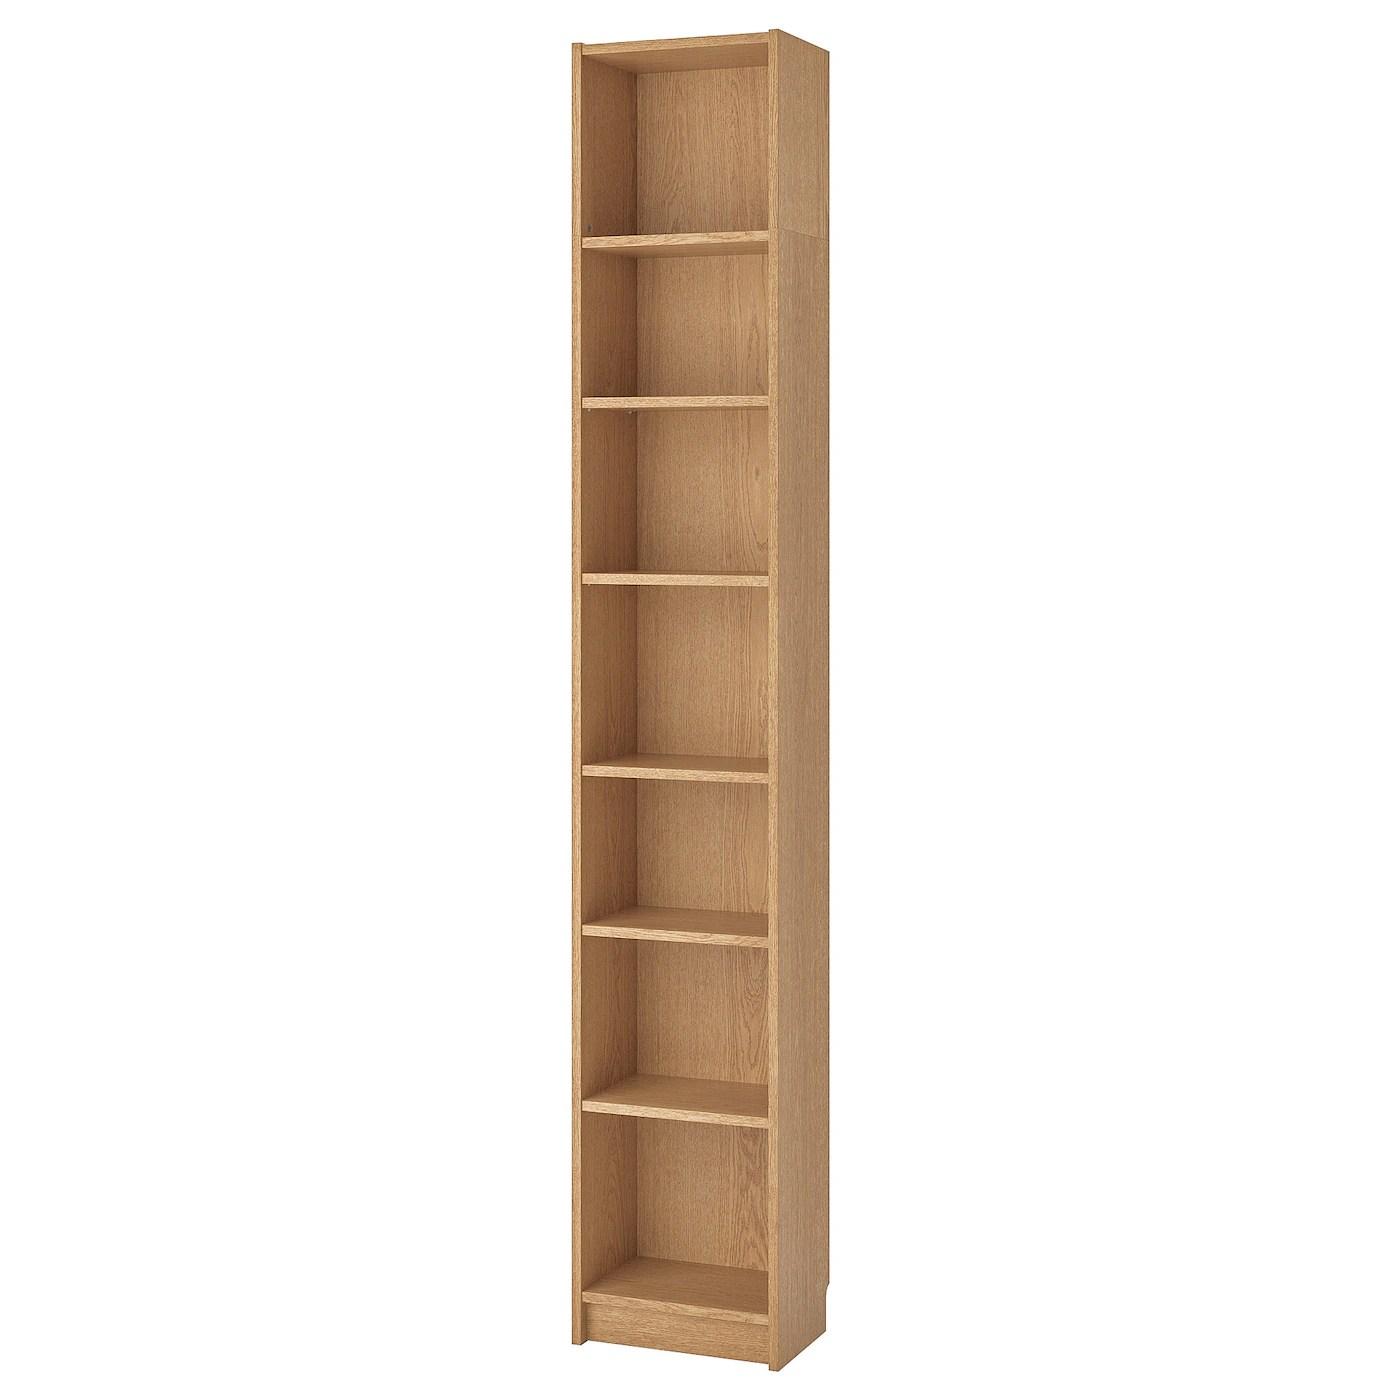 BILLY Bookcase, oak veneer, 40x28x237 cm   IKEA Ireland